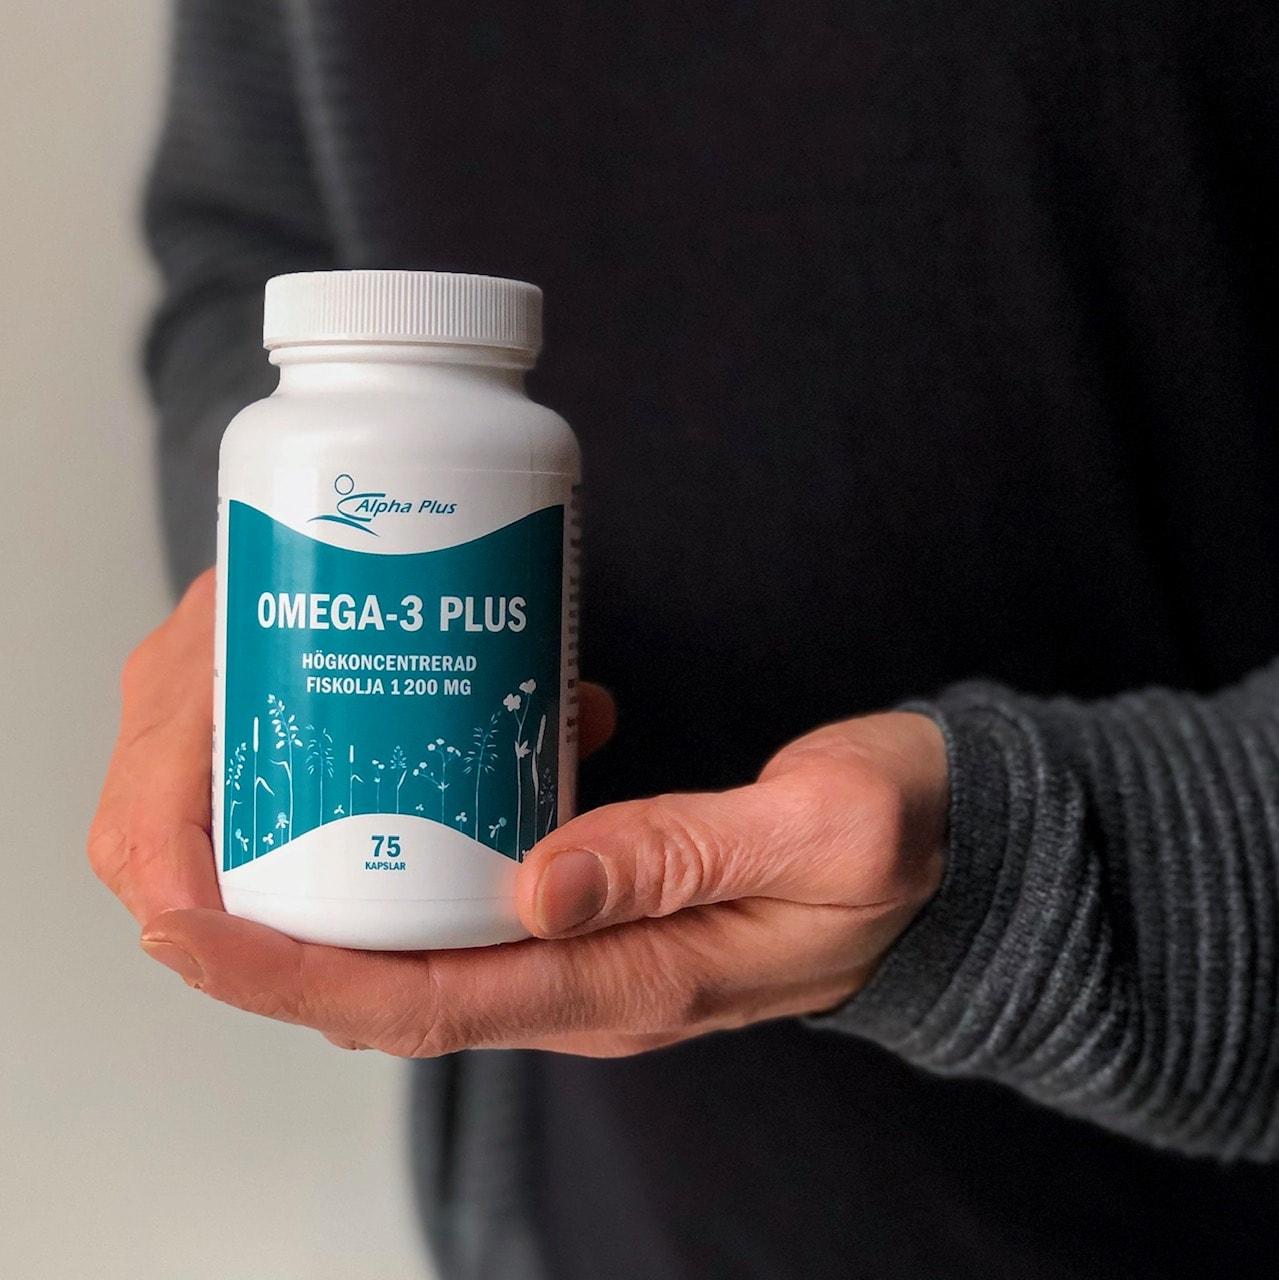 Omega-3 Alpha Plus